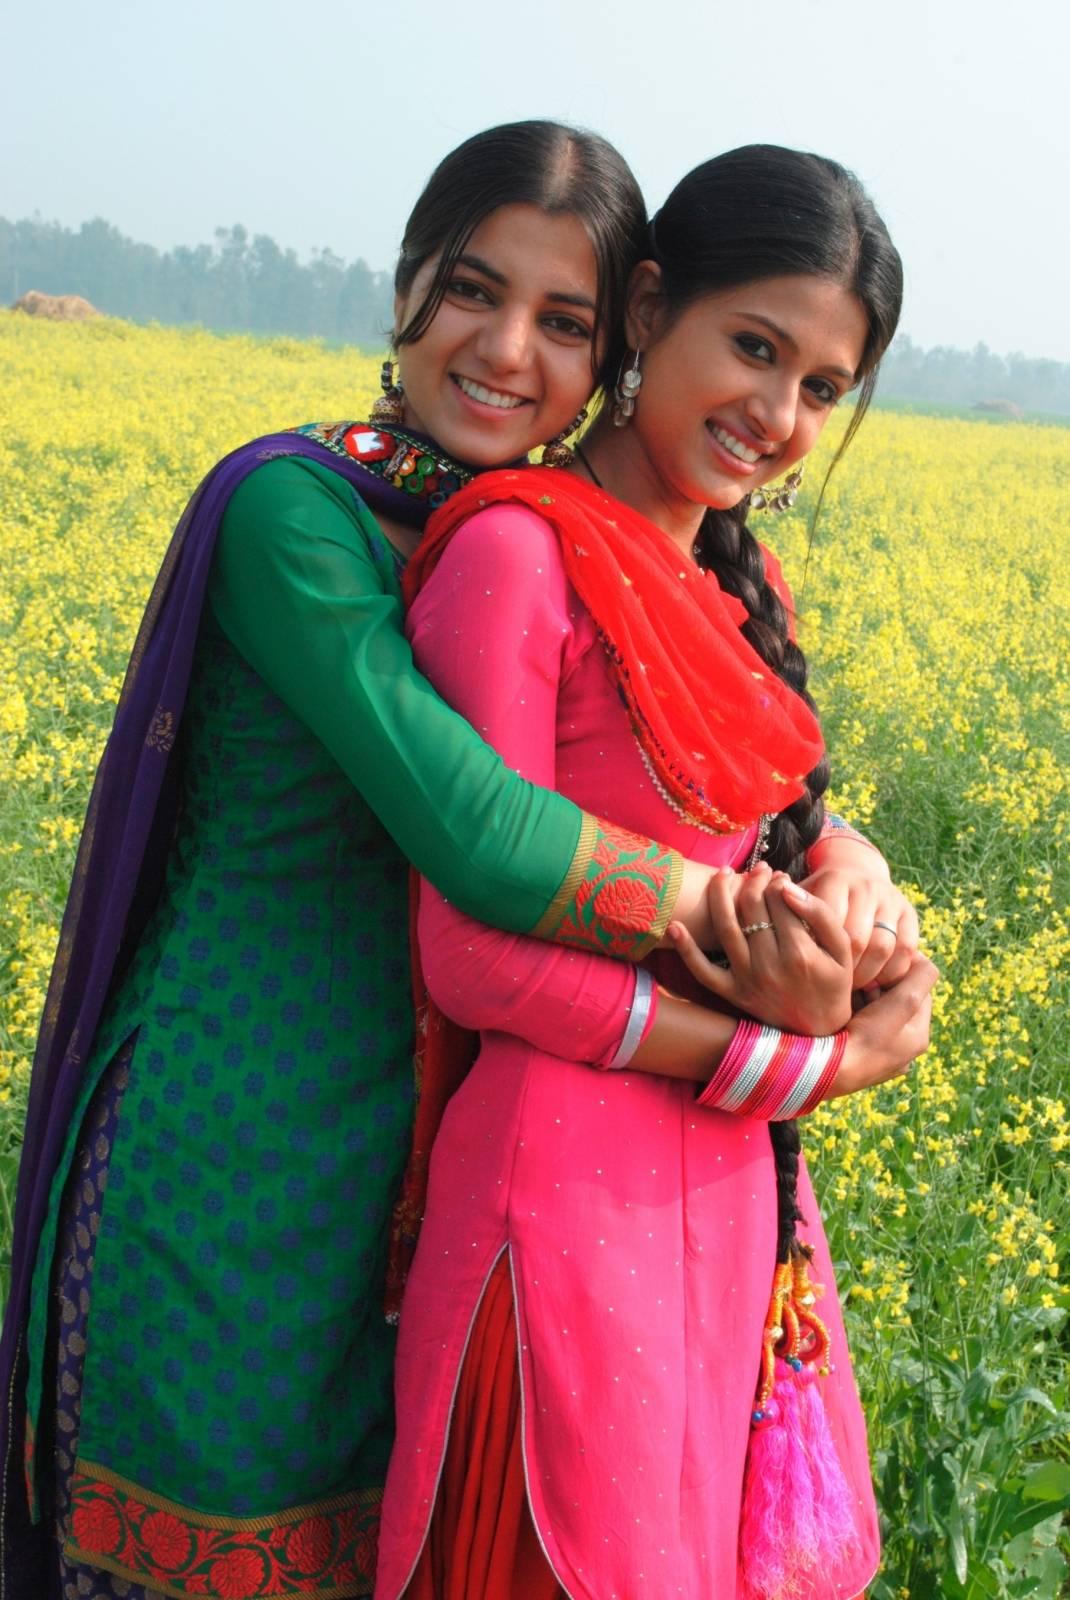 Naked Punjabi Girls Photos